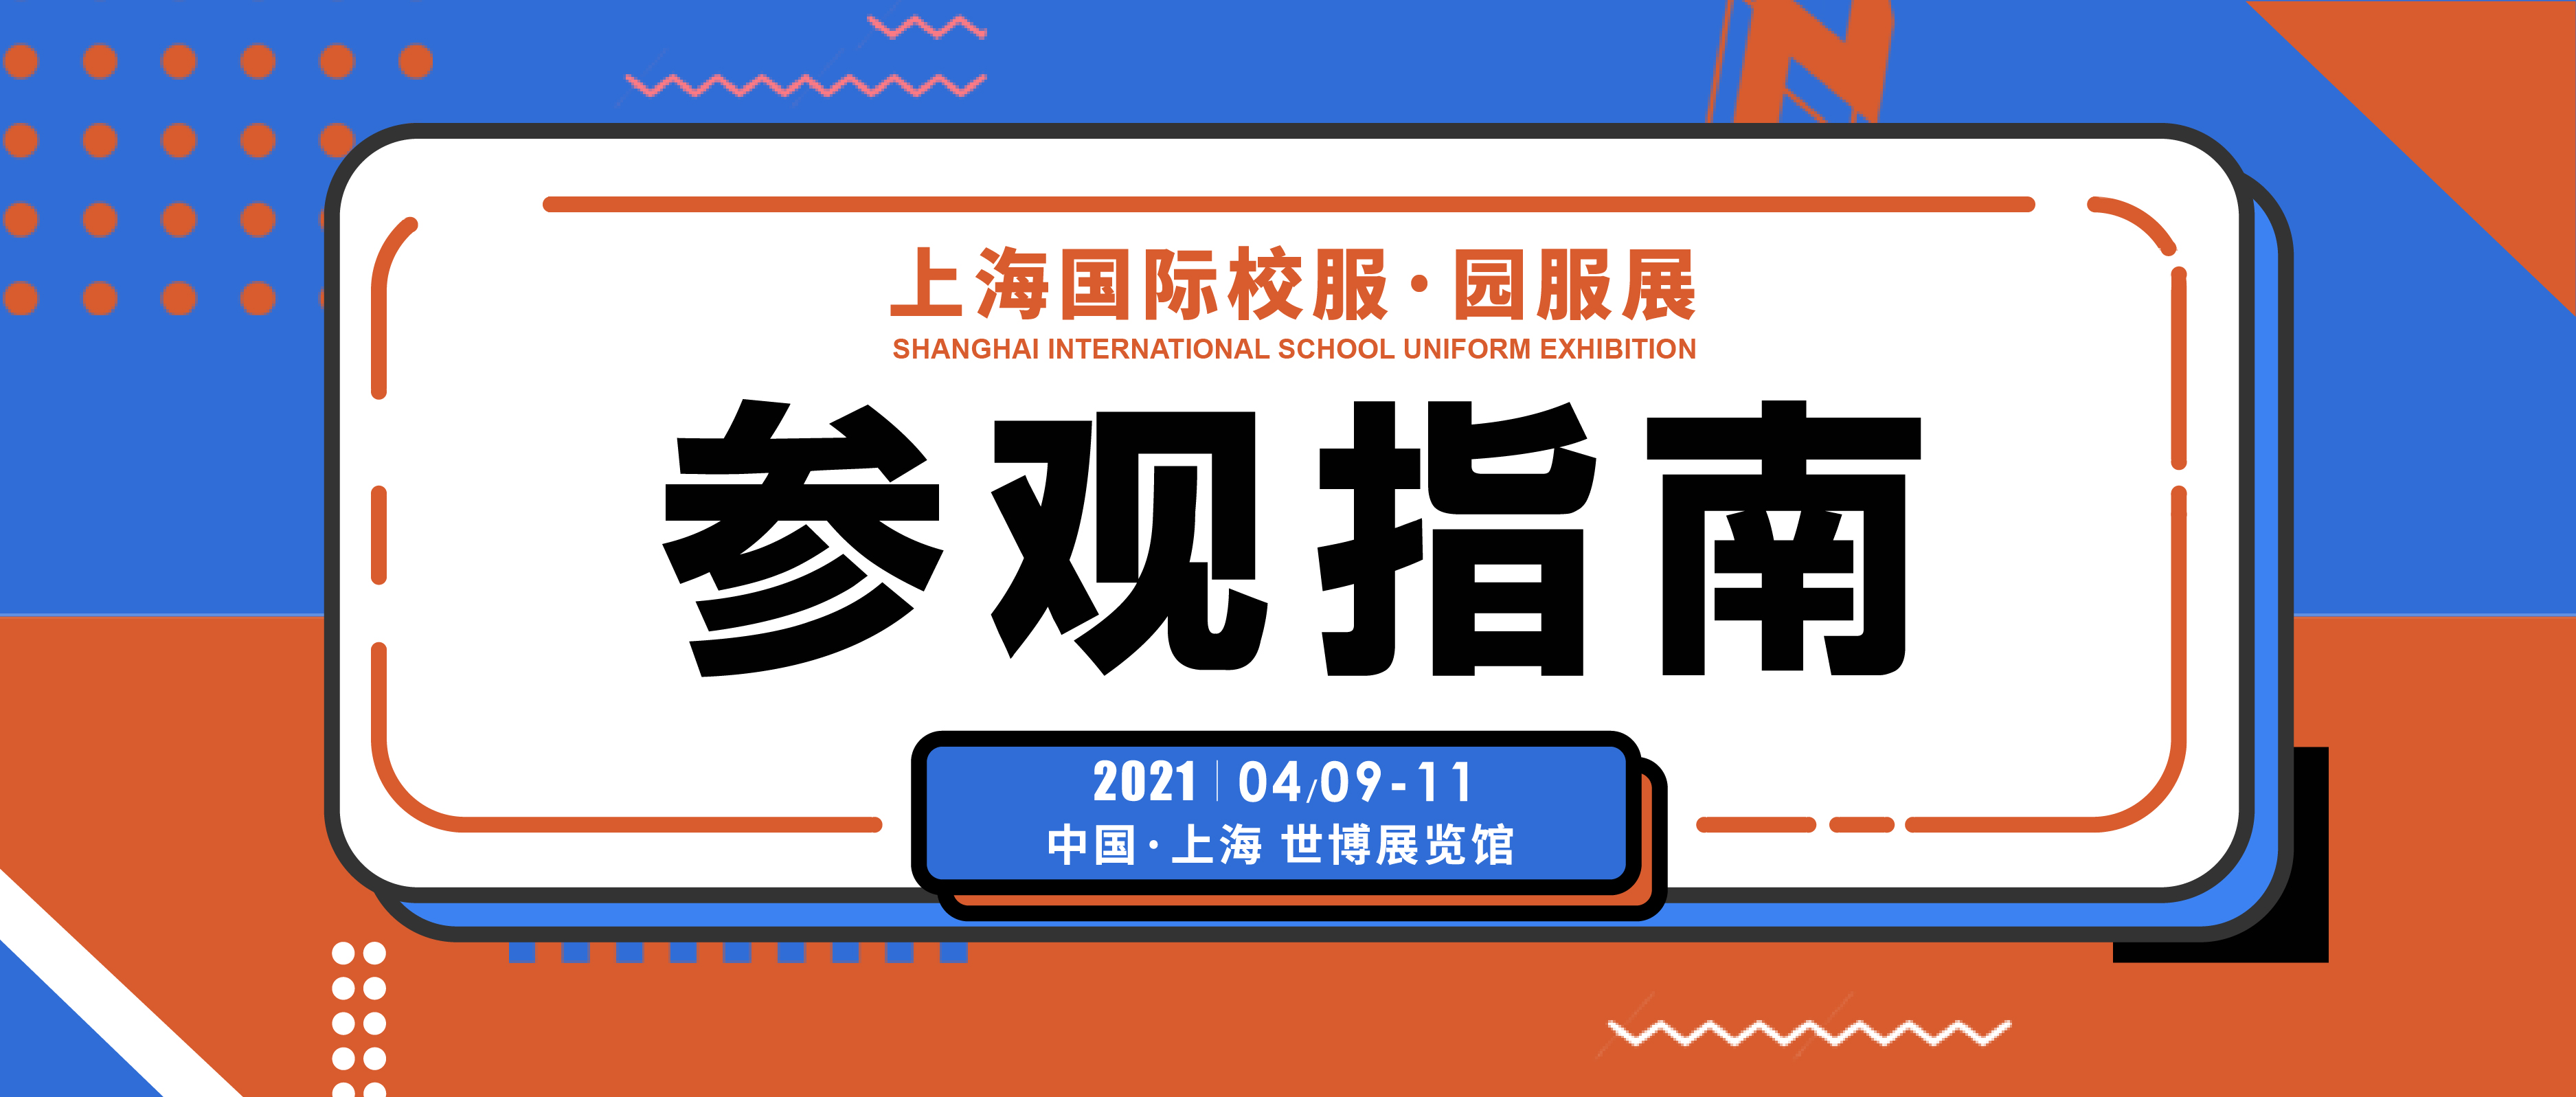 ISUE 2021上海国际校服展 观展攻略 | 开启你的轻松逛展之旅